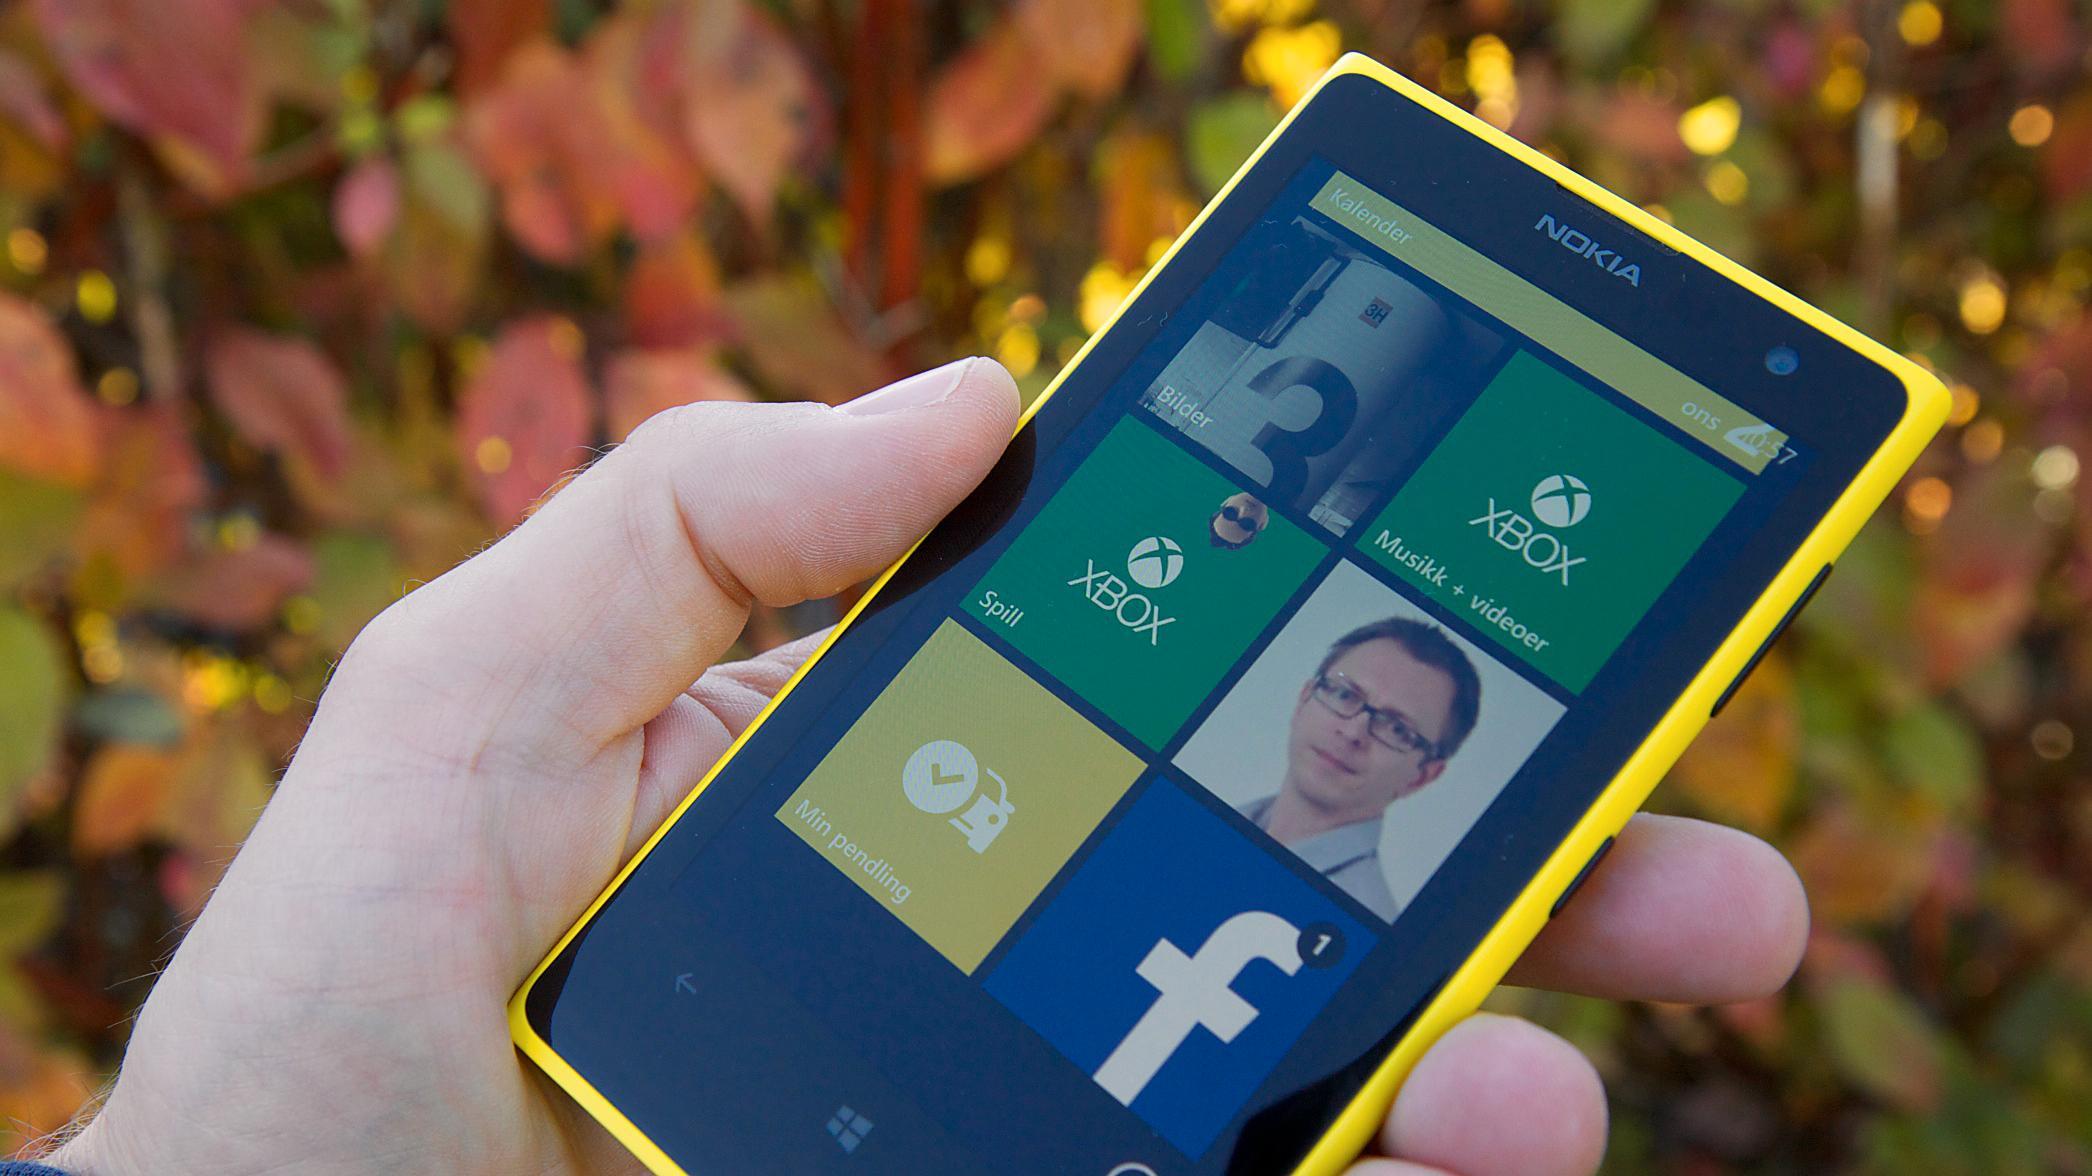 Nokia Lumia 1020 er Nokias flaggskip, og listens beste kameramobil. Den kjører Windows Phone 8, som mangler en del på applikasjonssiden. Les mer.Foto: Kurt Lekanger, Amobil.no